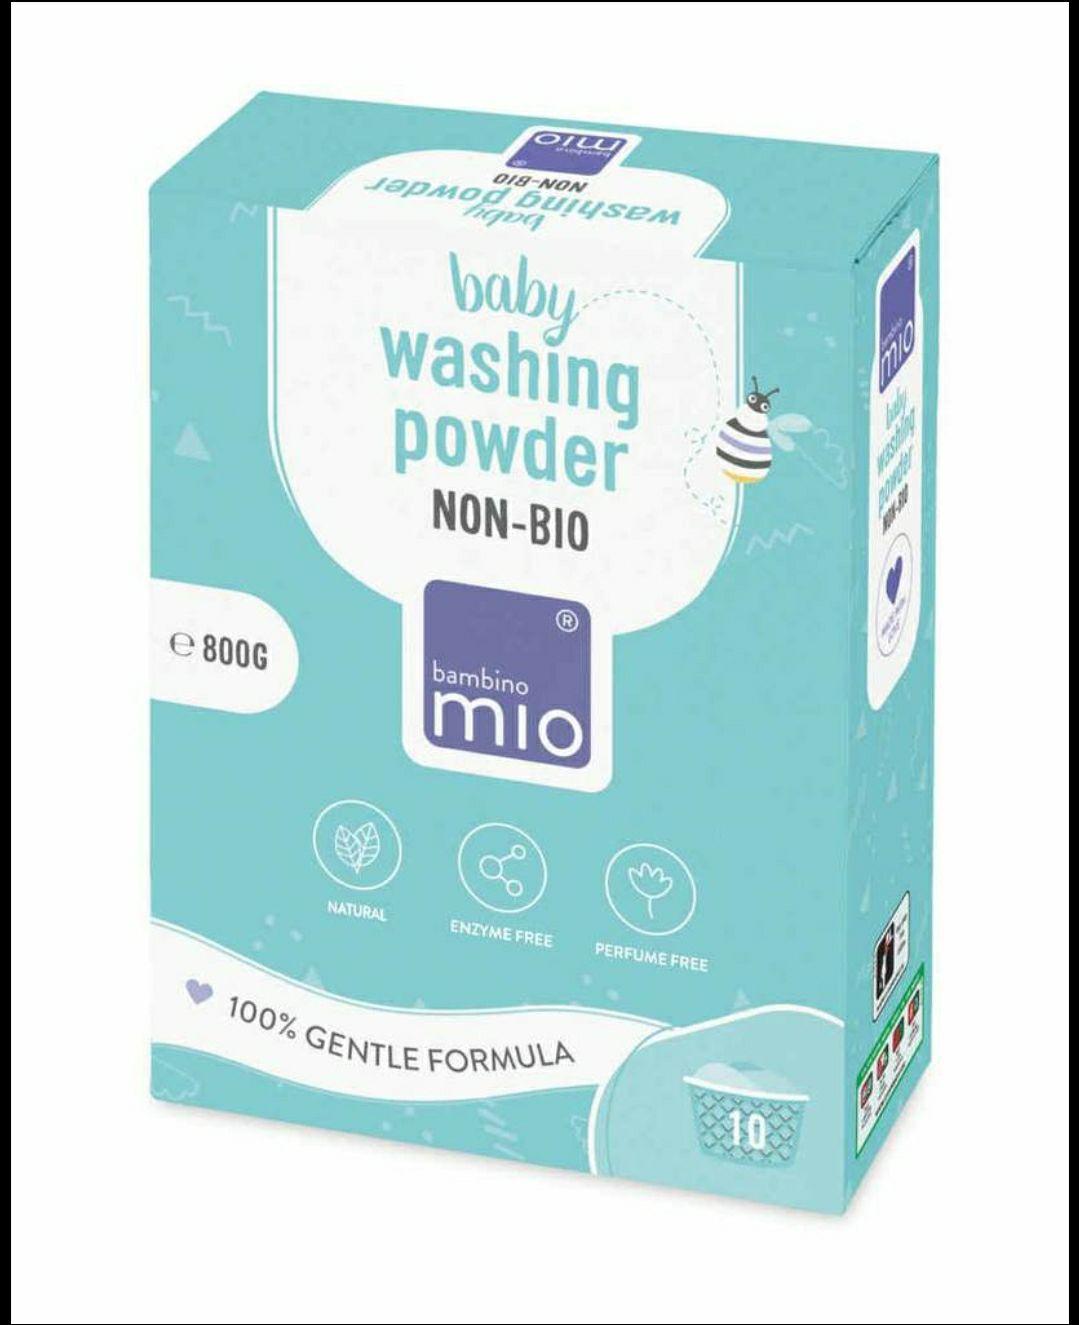 Bambino Mio Baby Laundry Cleanser 300g or Bambino Mio Baby Washing Powder Non-Bio 800g @ Aldi Store (Kirstall Leeds)